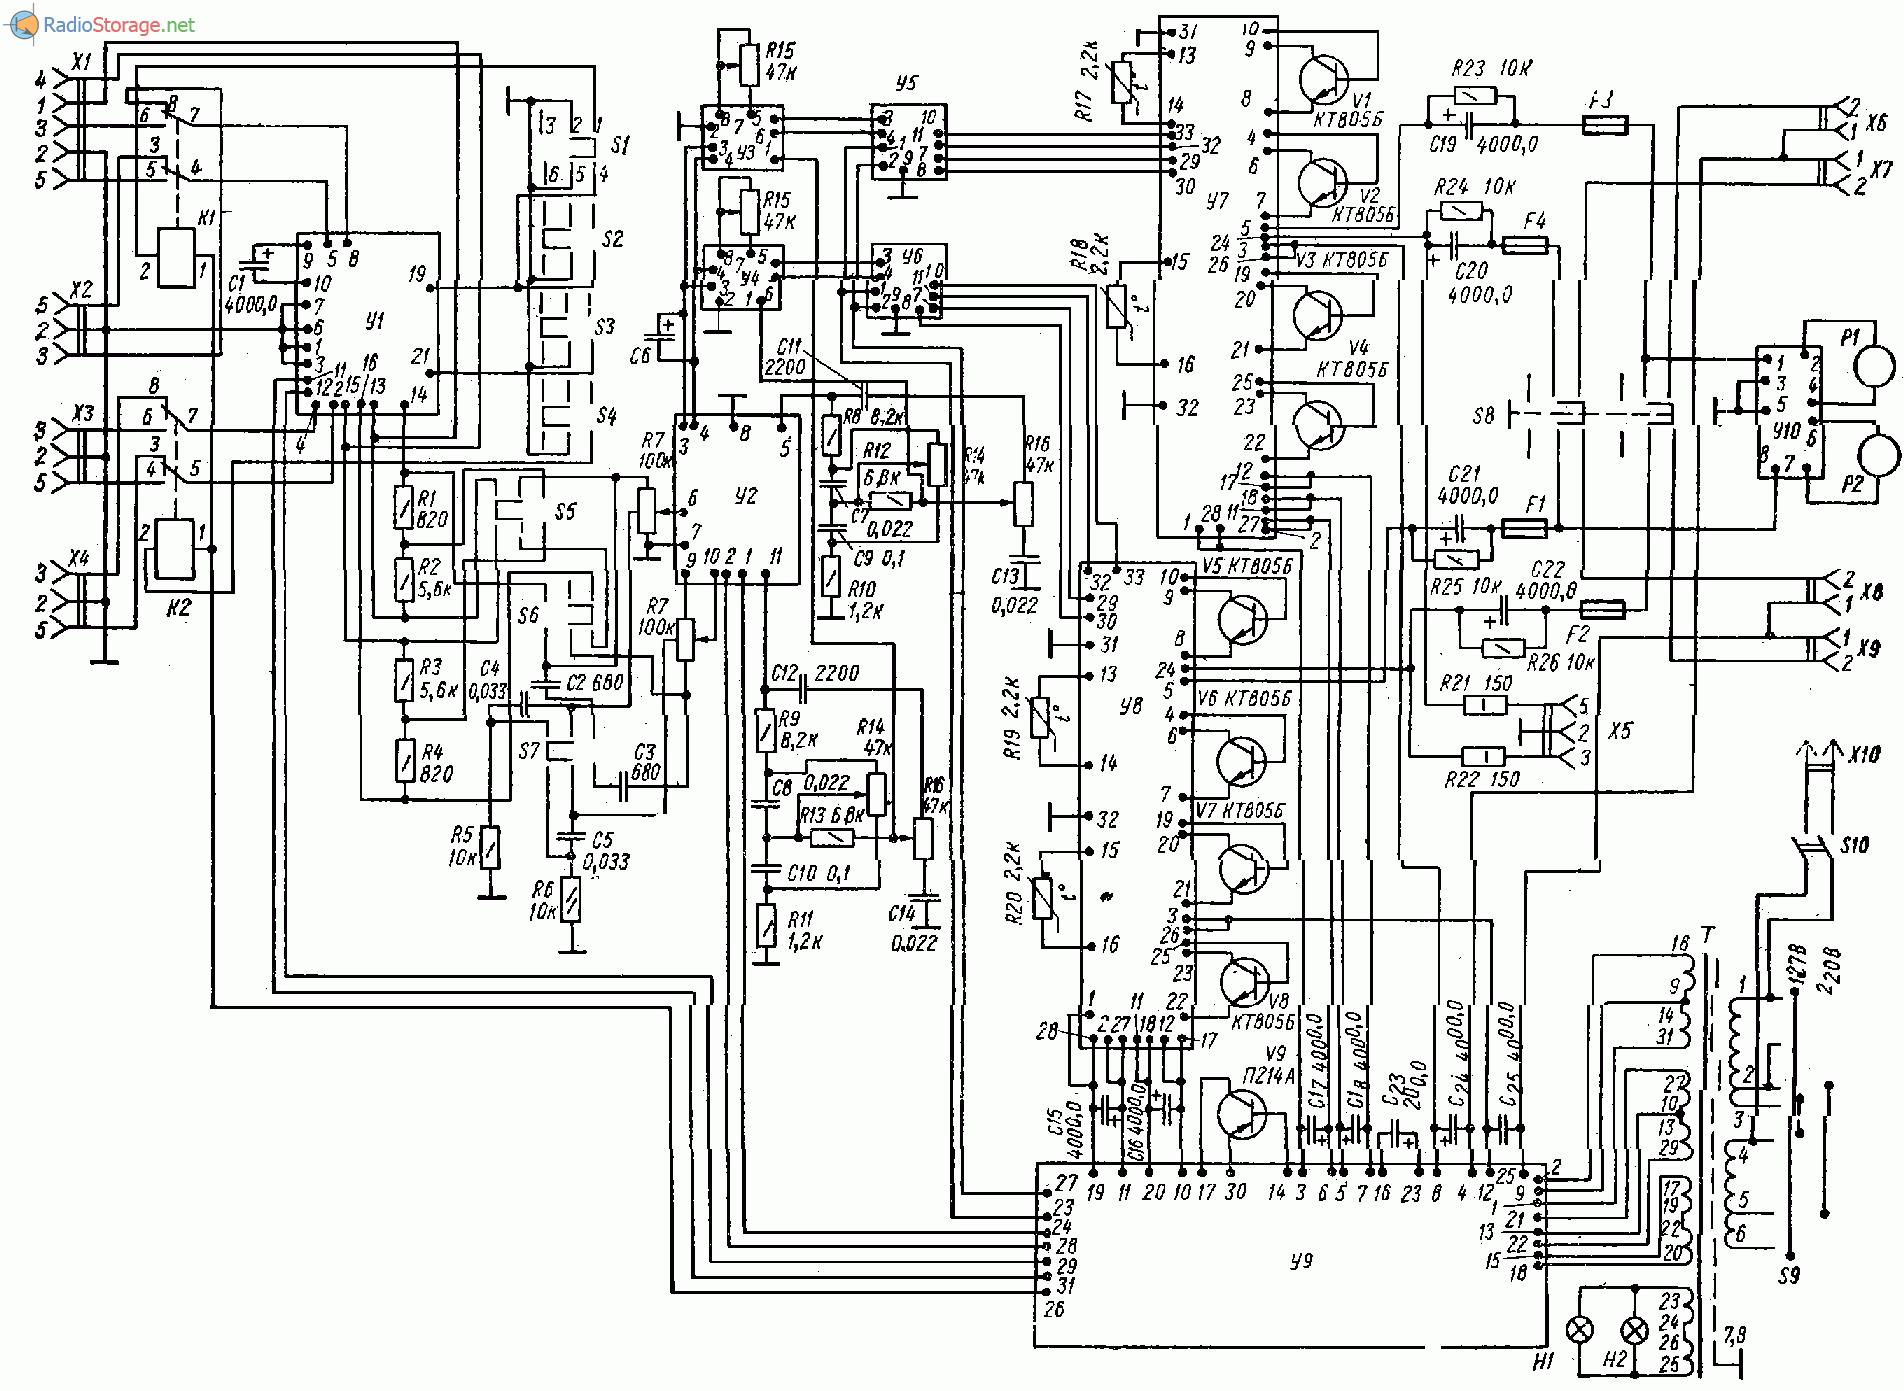 Схема магнитофона ростов 102 стерео фото 802